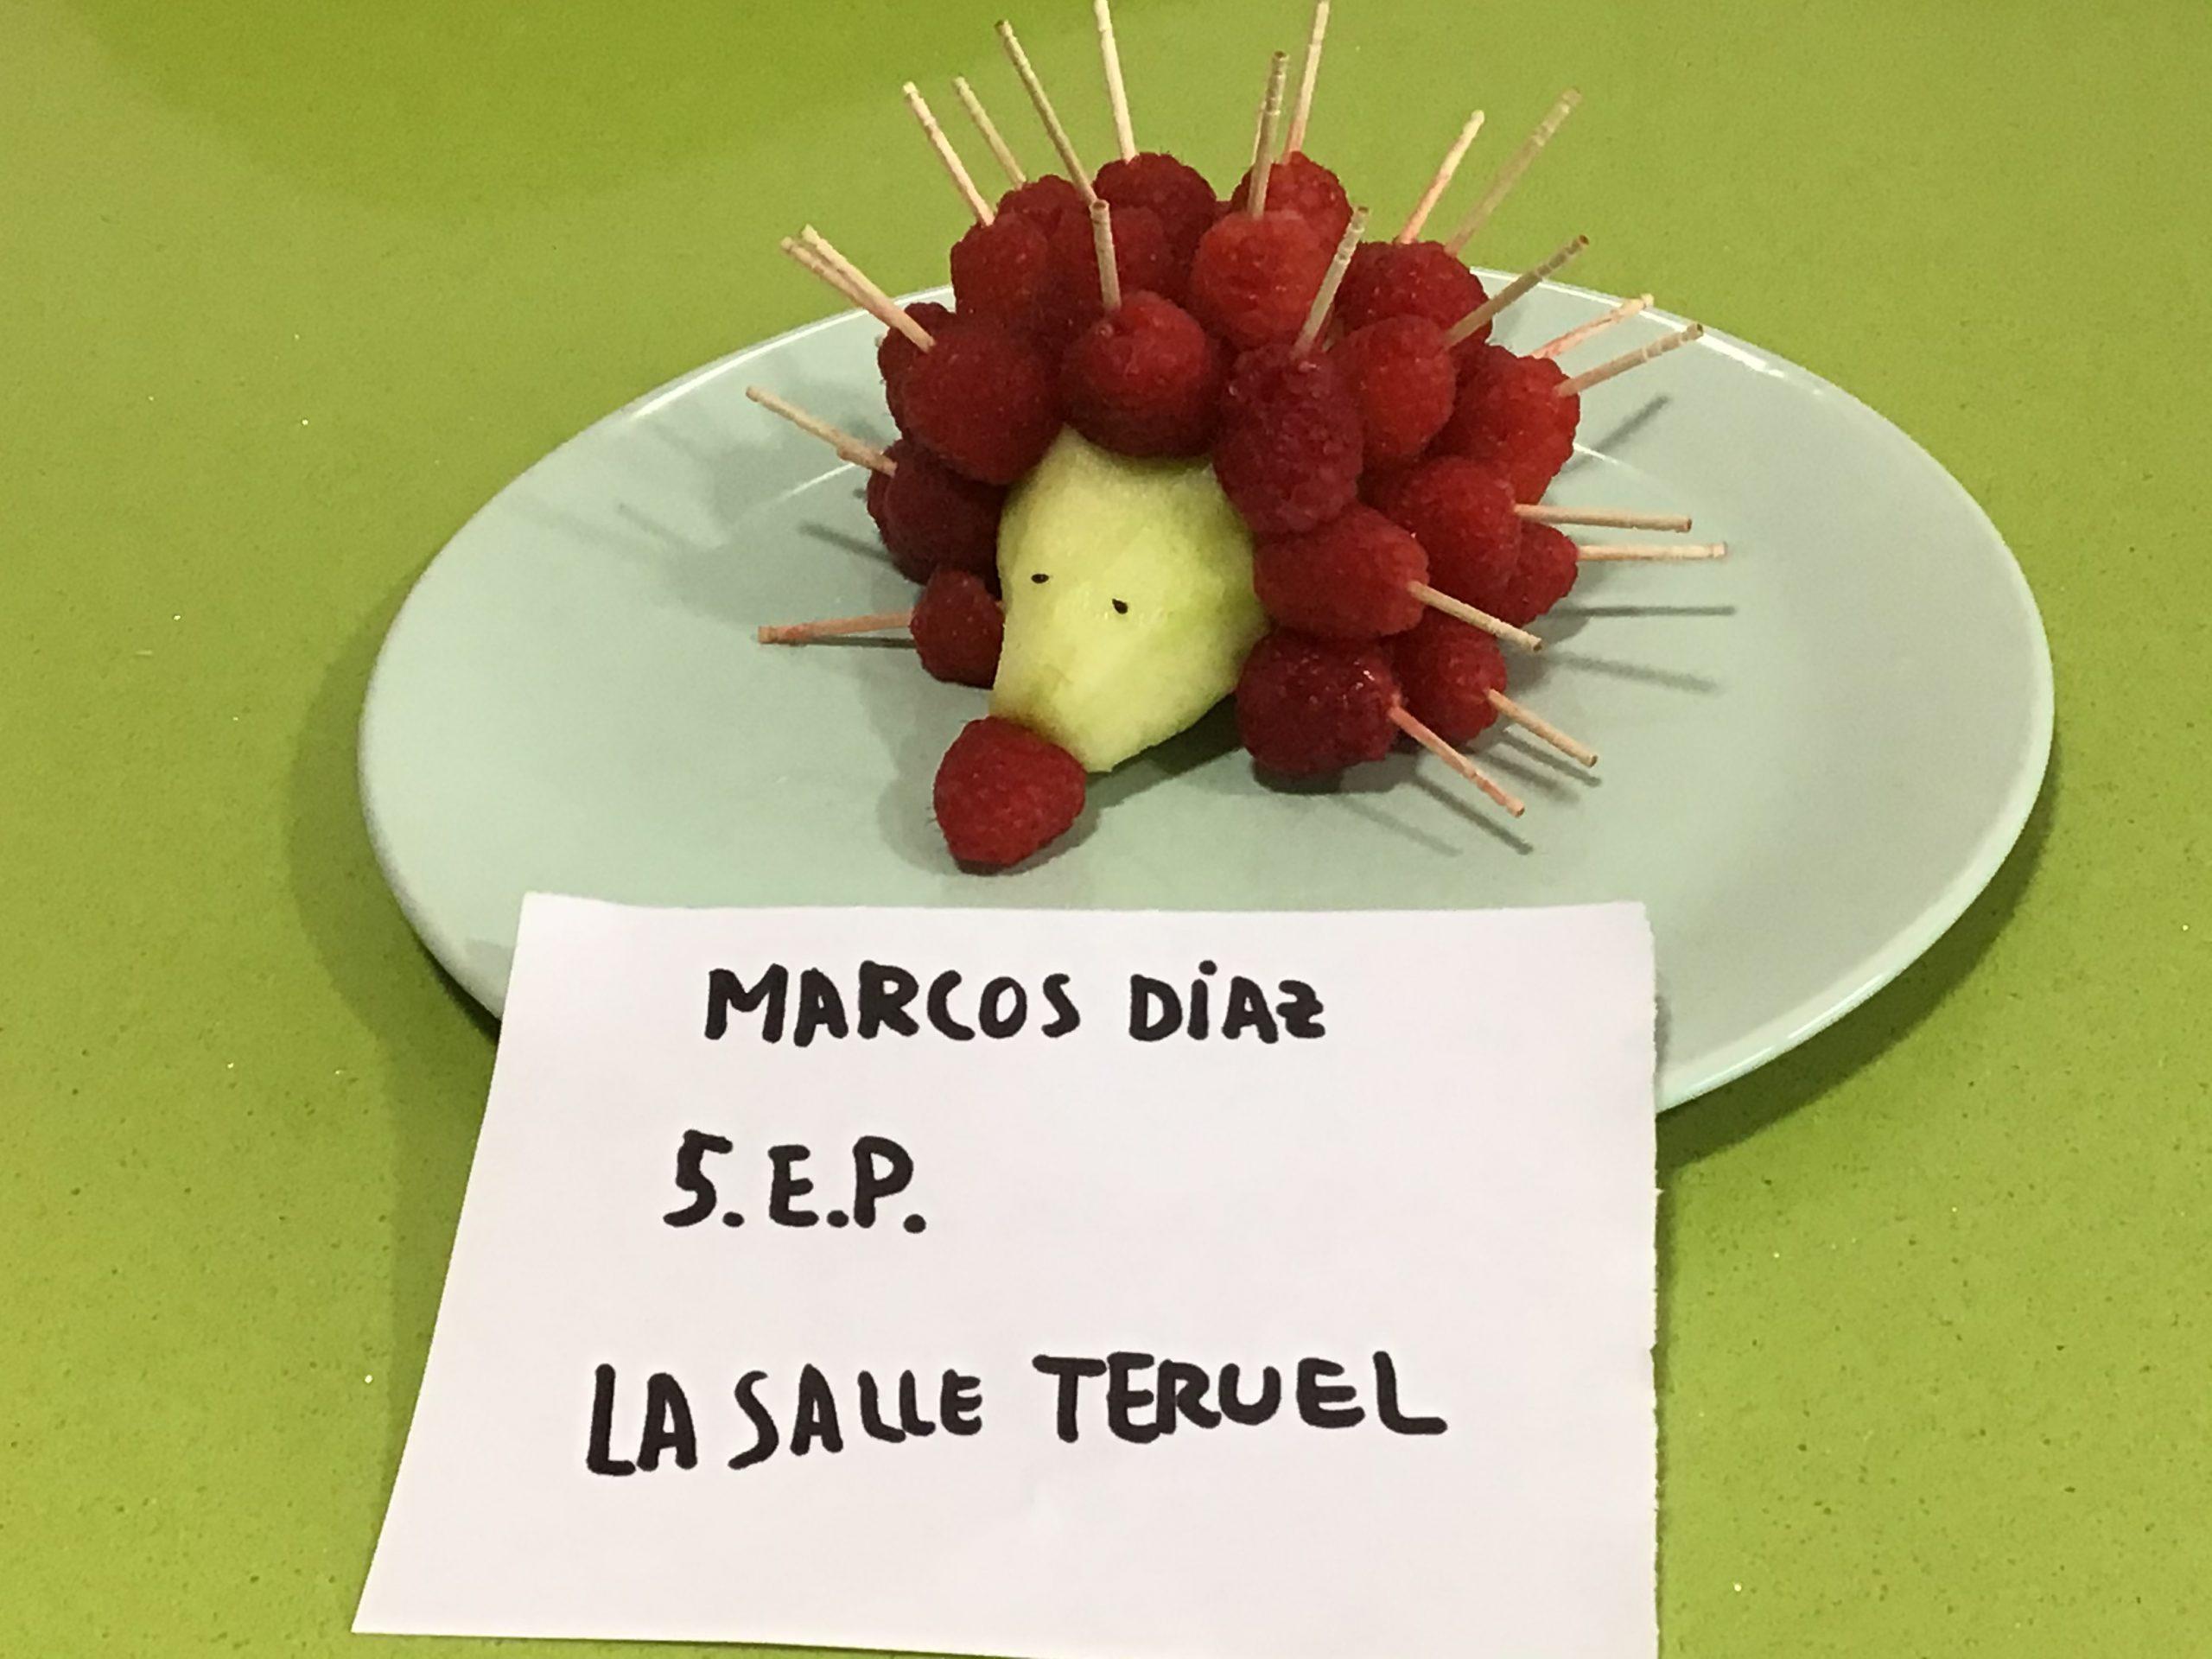 Marcos La Salle Teruel 0247